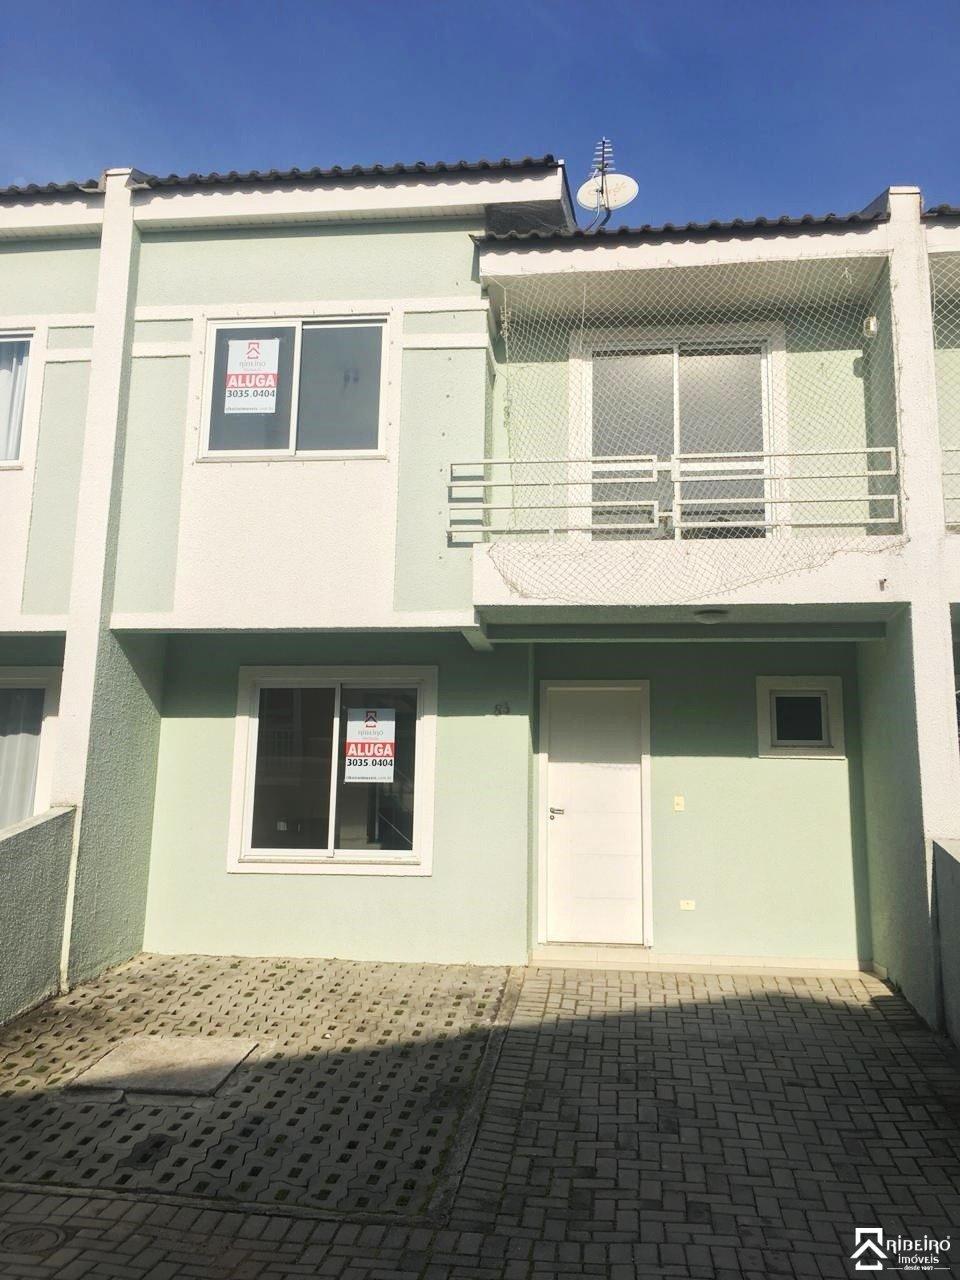 REF. 4576 -  São José Dos Pinhais -  Maranhao, 23 - Sobrado SB 85